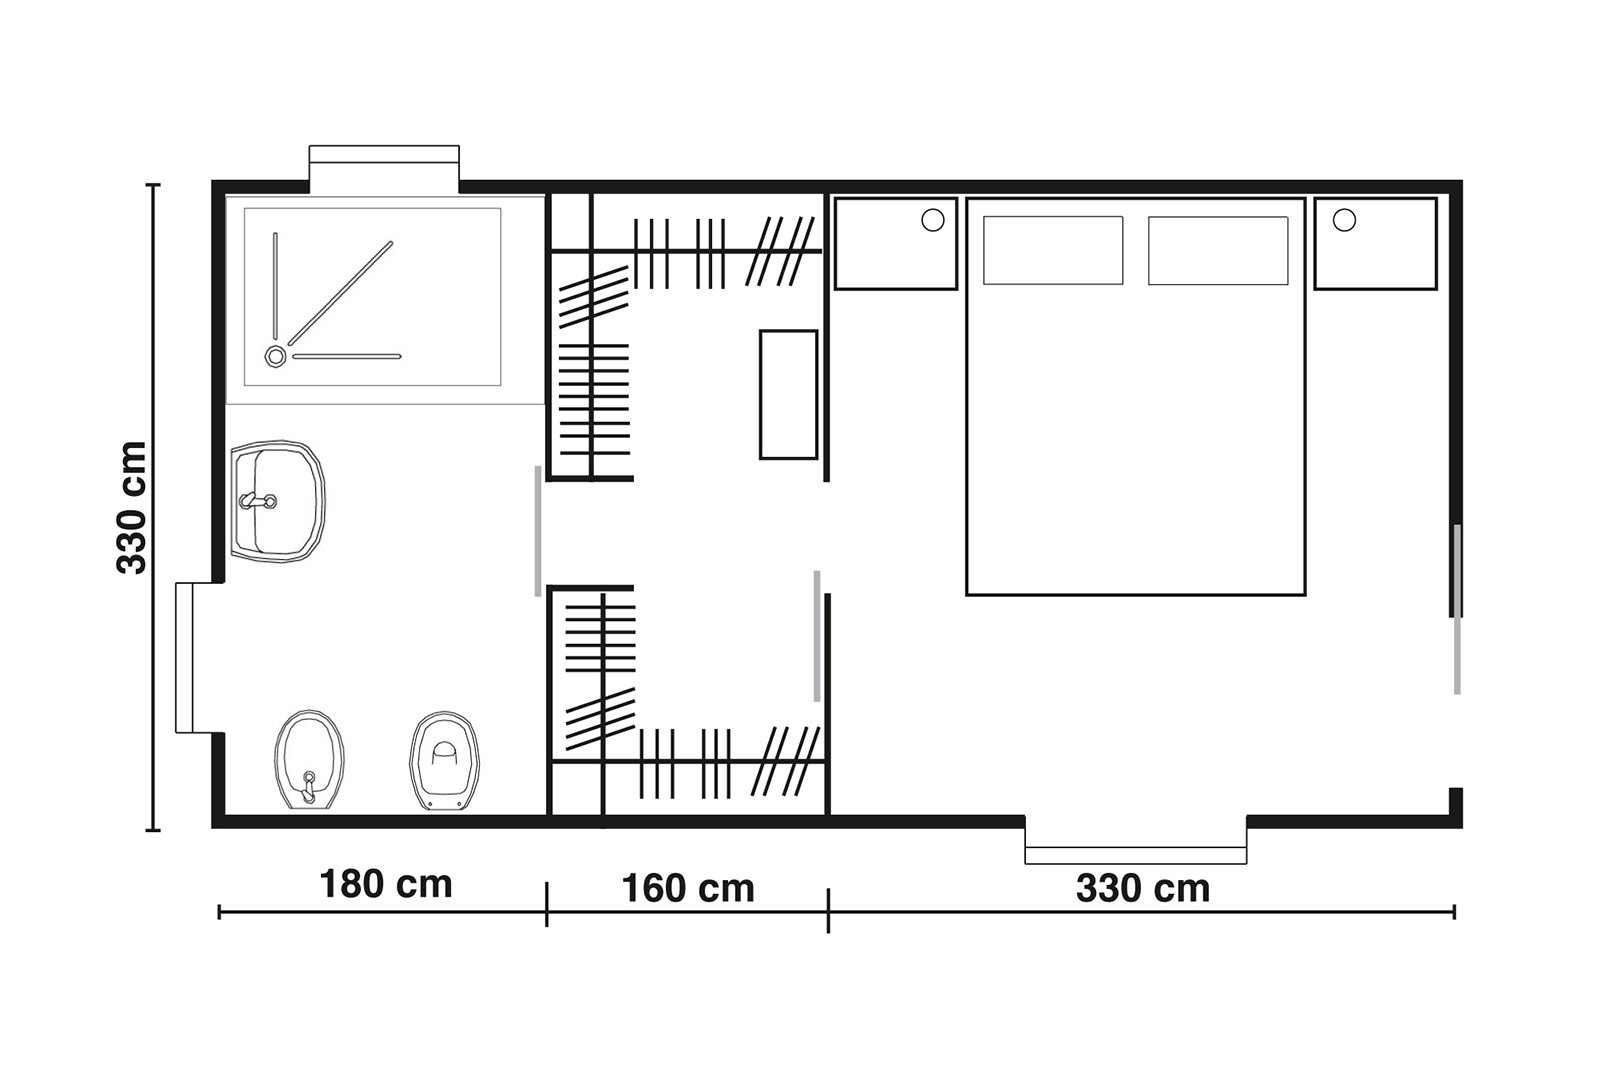 cabine armadio. progettiamo insieme lo spazio - cose di casa - Cabine Armadio In Cartongesso Misure